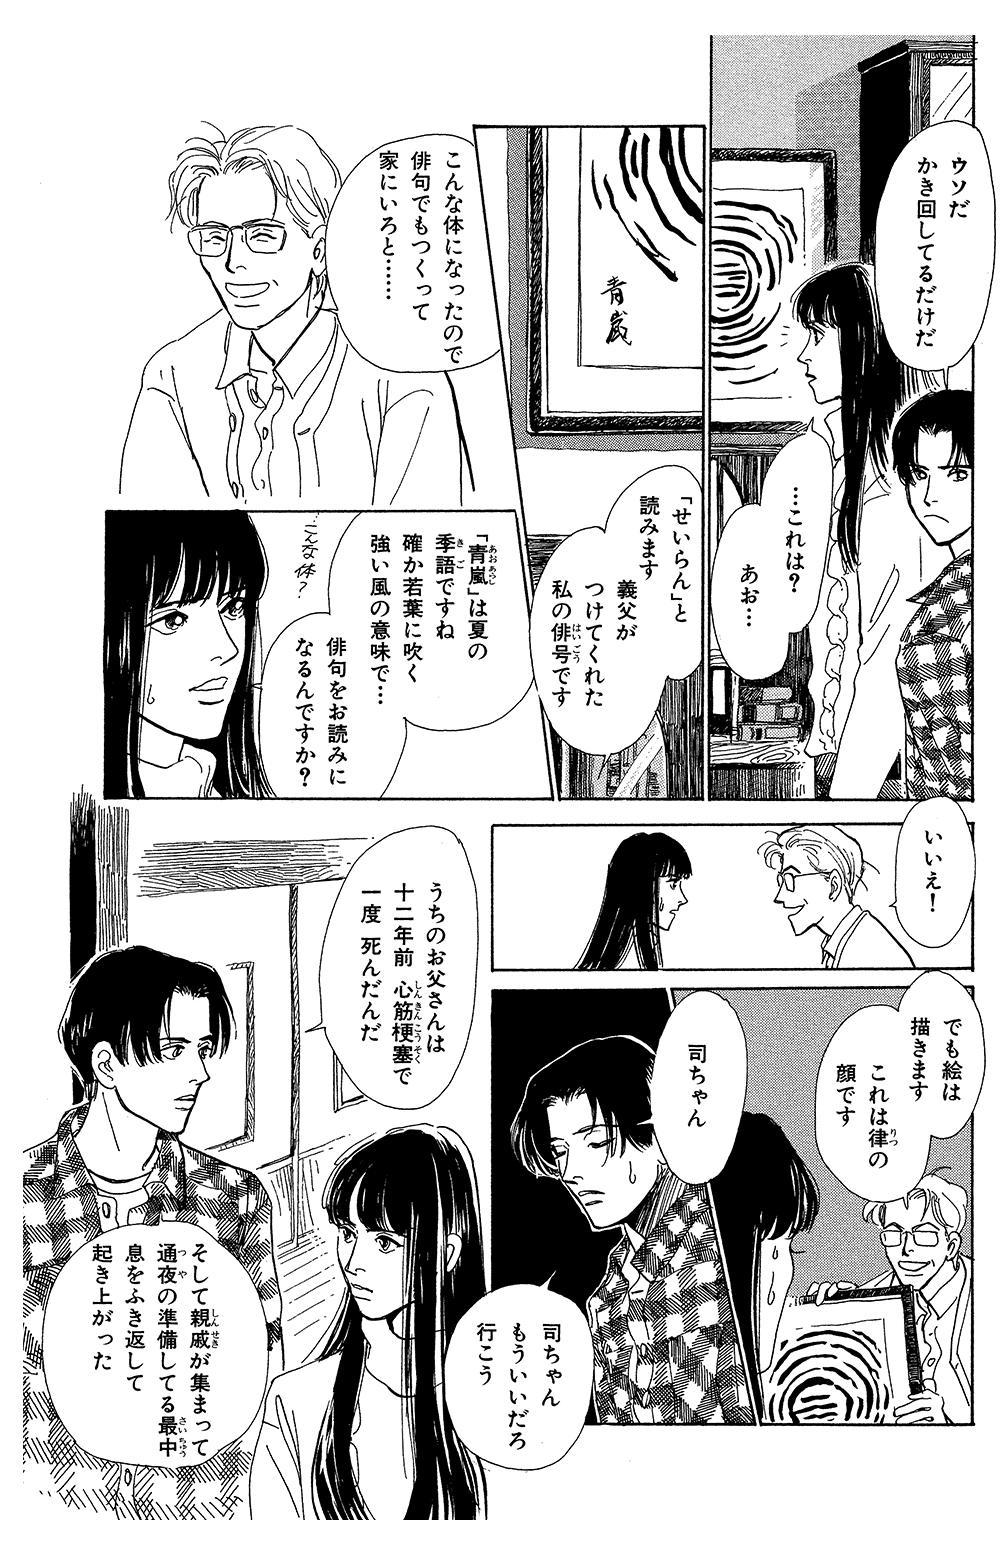 百鬼夜行抄 第1話「闇からの呼び声」③hyakki1-3-4.jpg